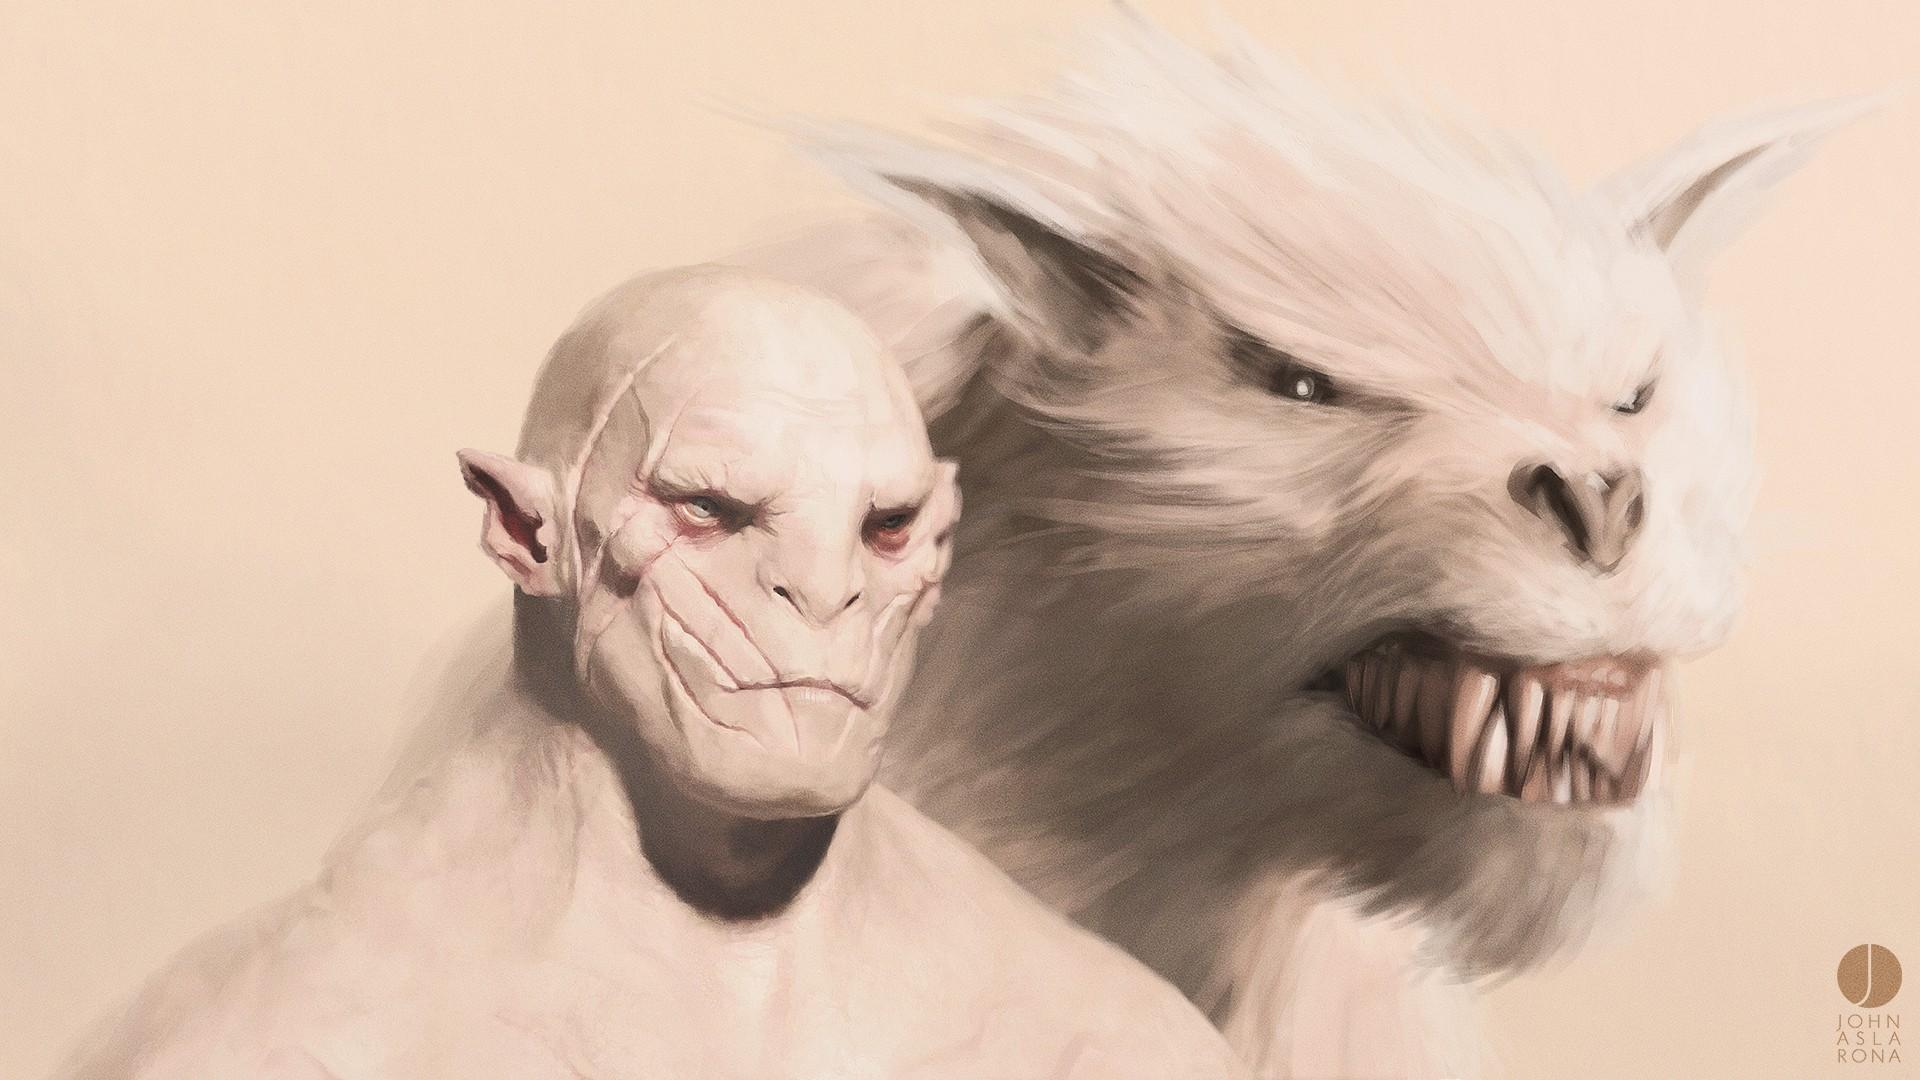 Drawn wolfman i am Werewolf  Hobbit Hobbit Monsters